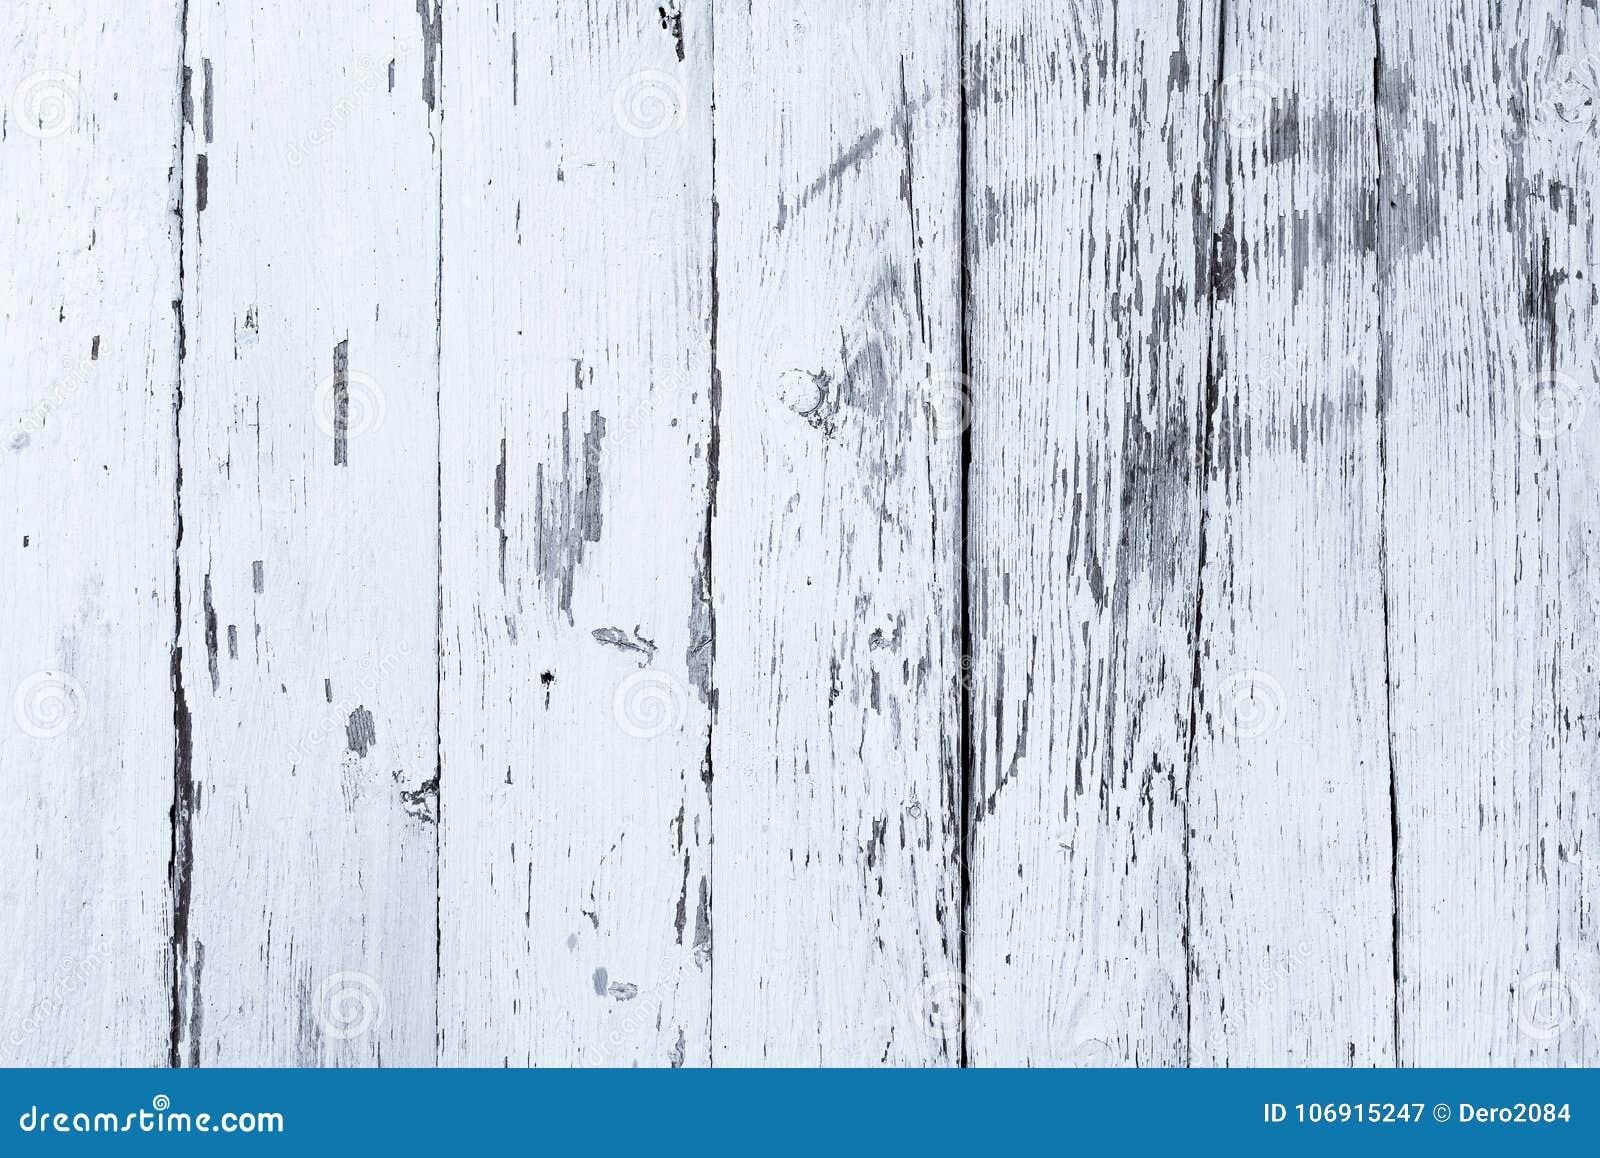 Retro drewniany ścienny wybielania wapno, nowożytny styl, wietrzejący cracky upaćkany drewniany tło, rocznika tło dla projekta